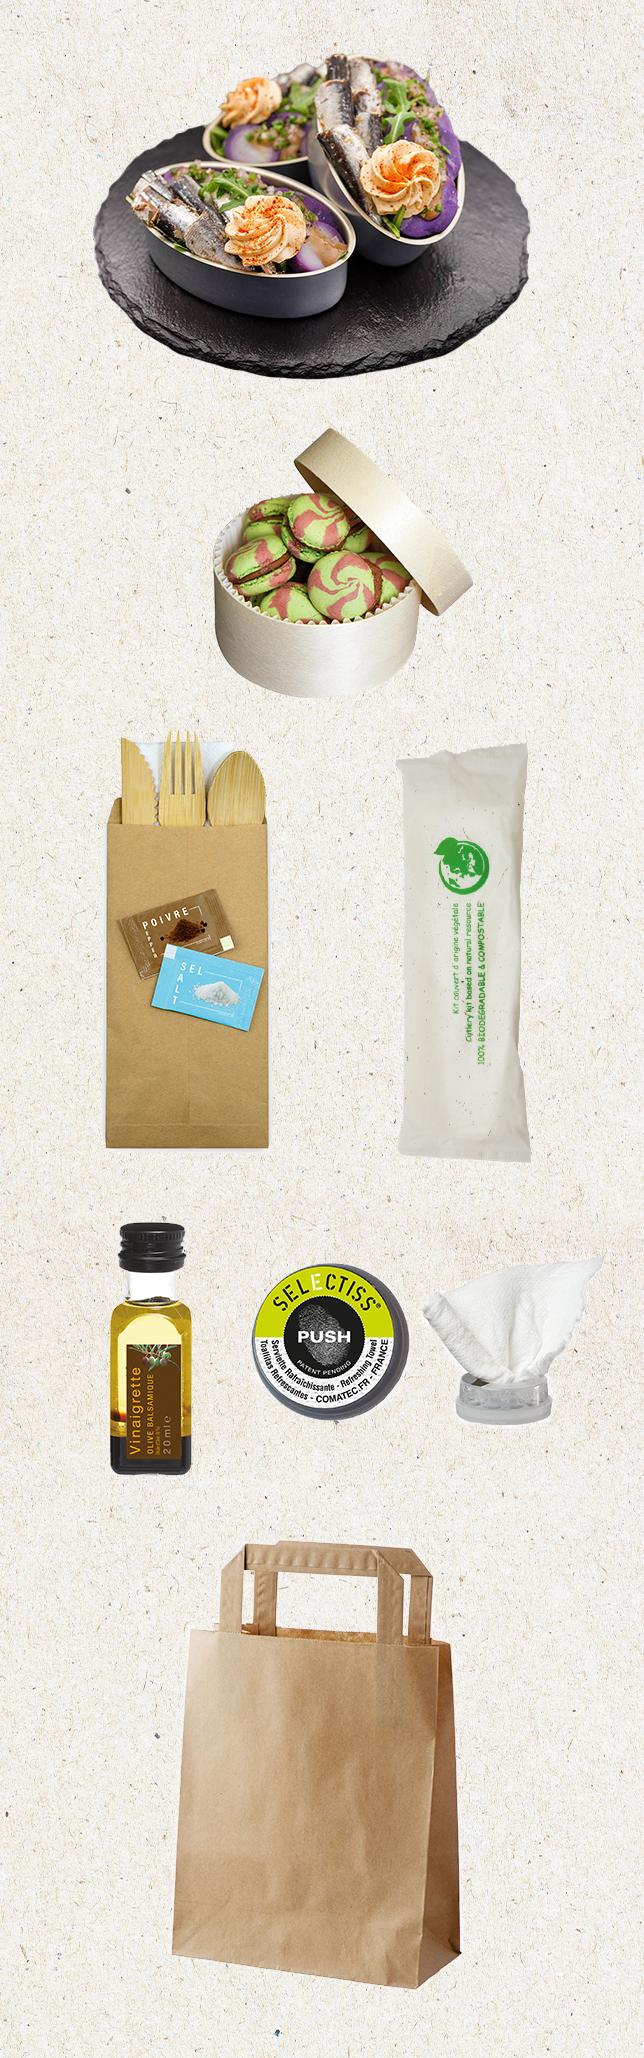 sac, accessoires et petits contenants